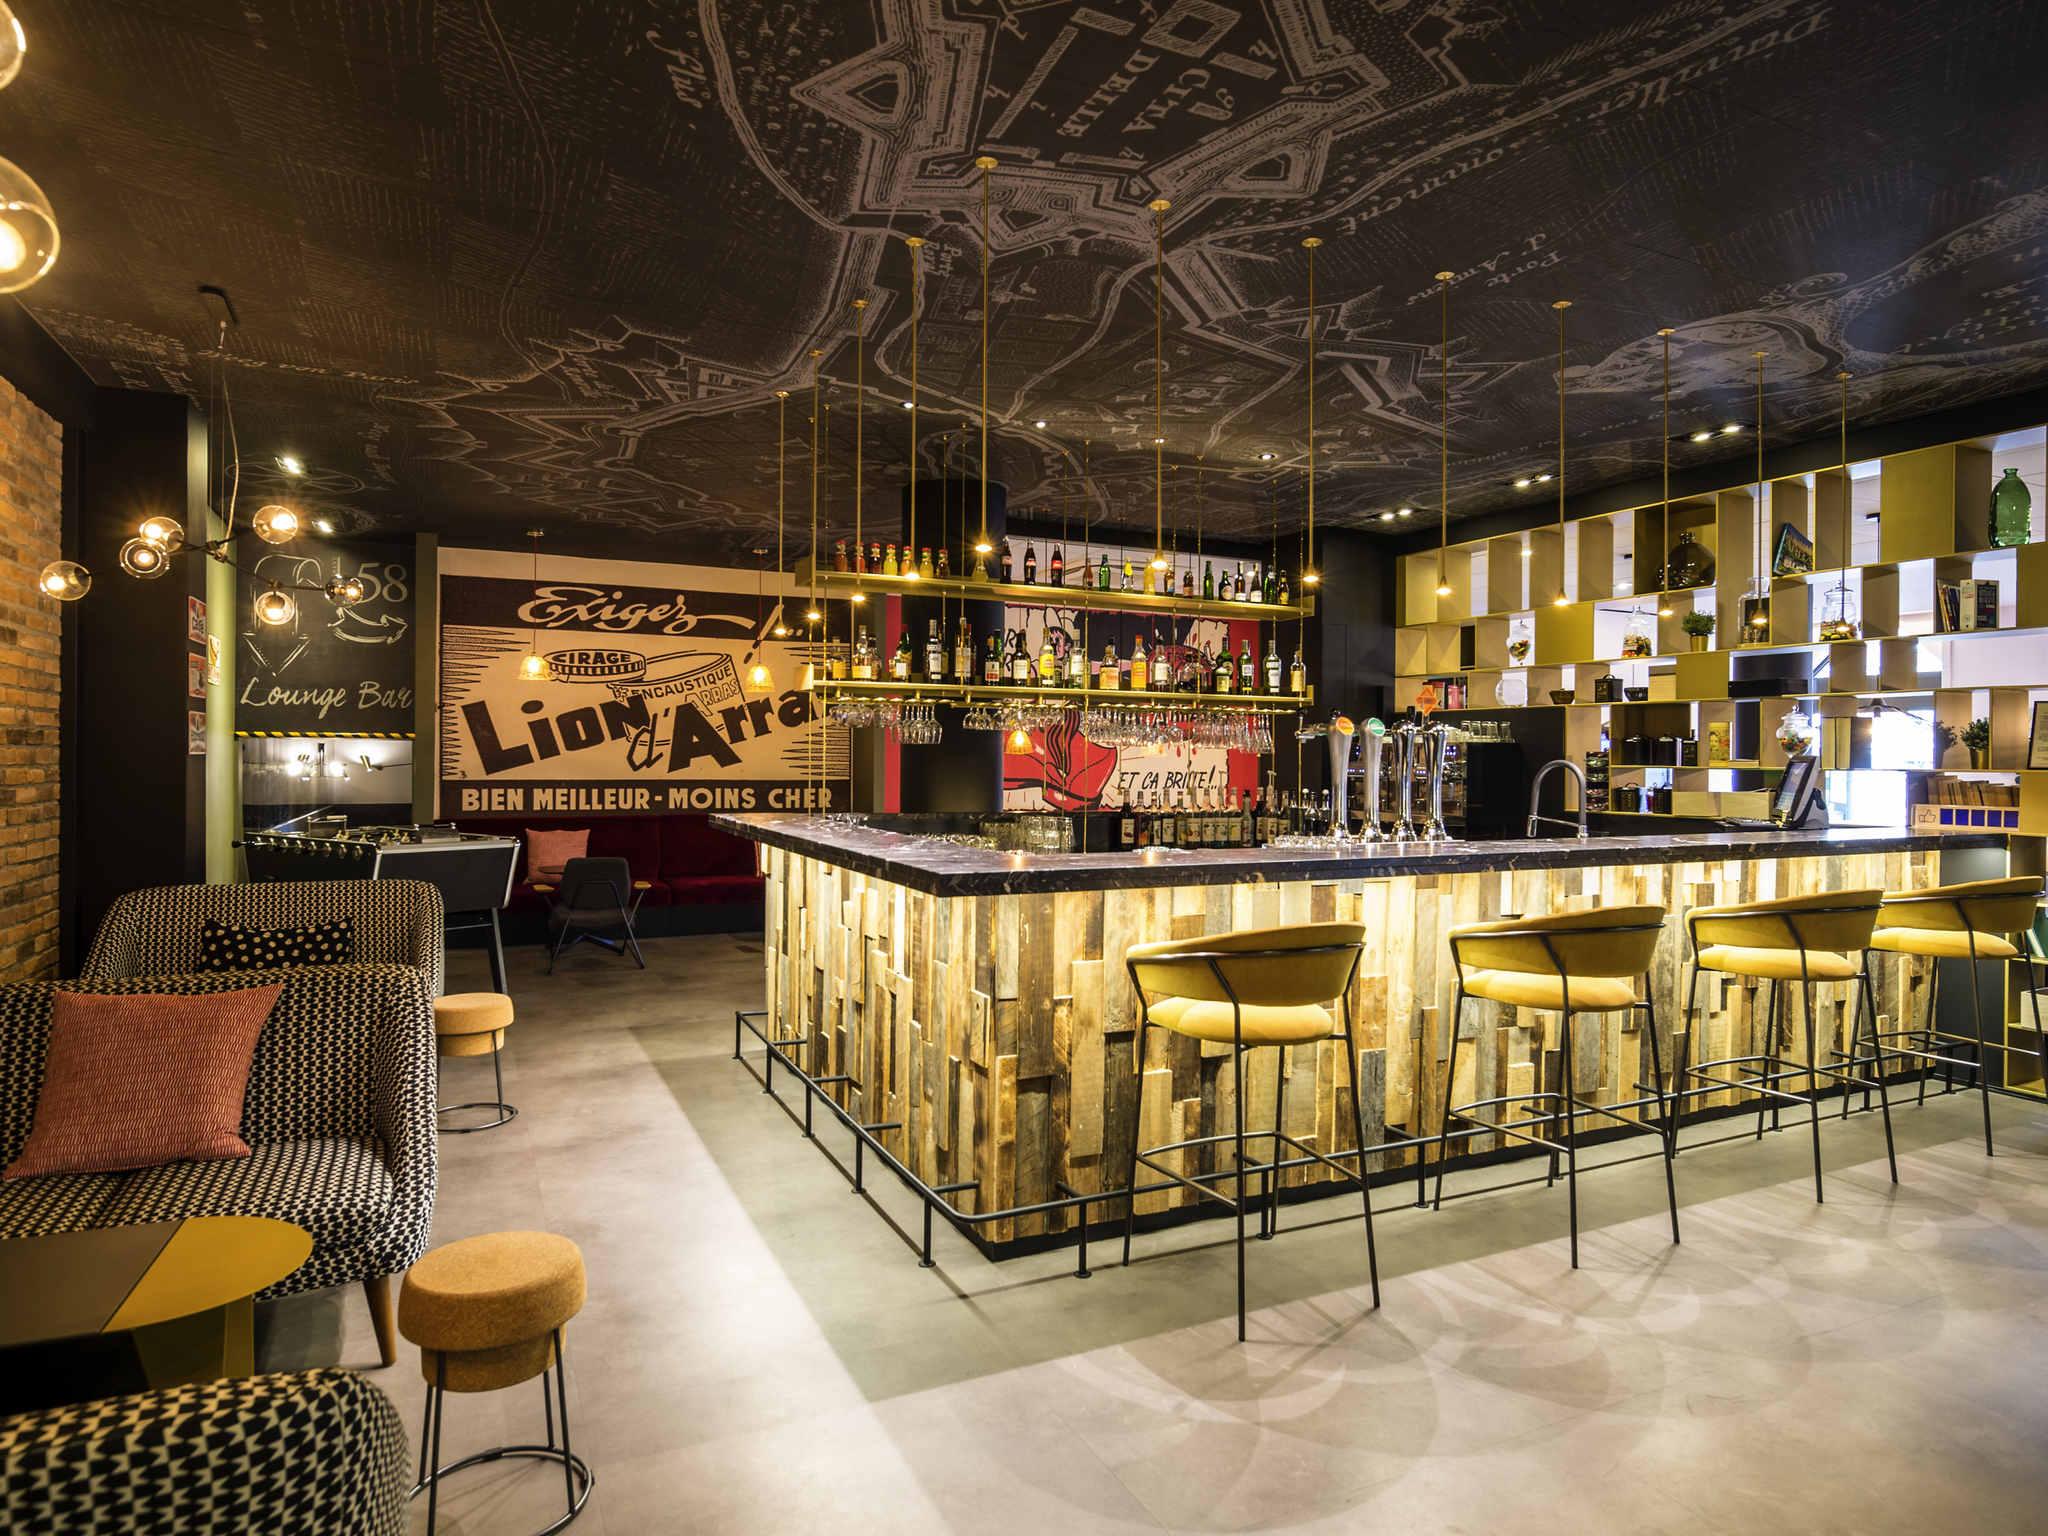 Hotel – Hotel Mercure Arras Centre Gare